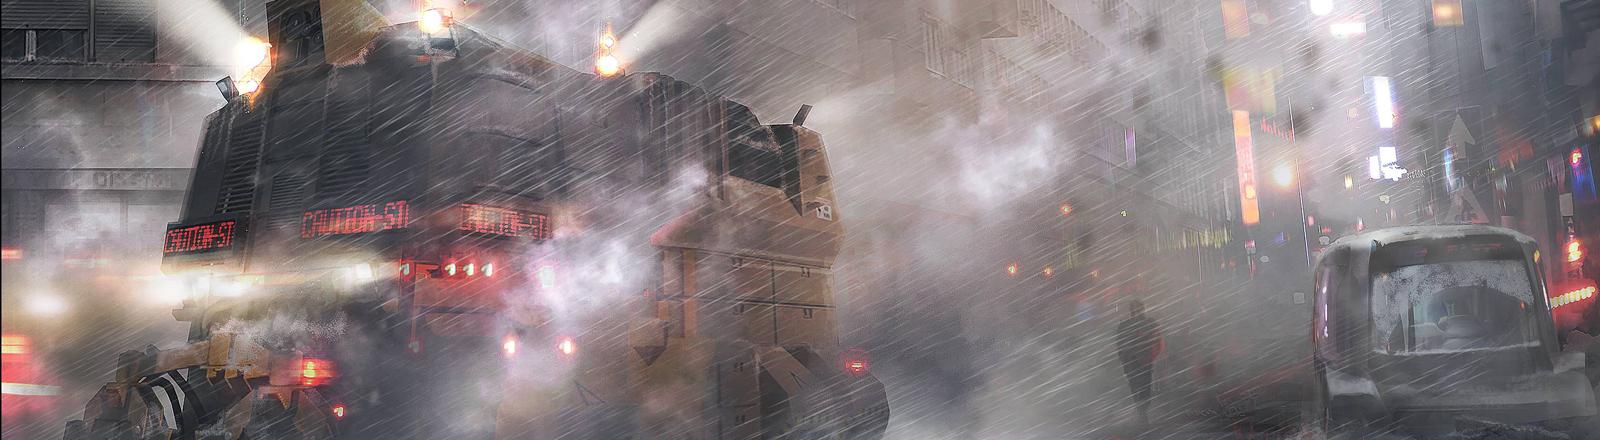 Szene aus Blade Runner 2049